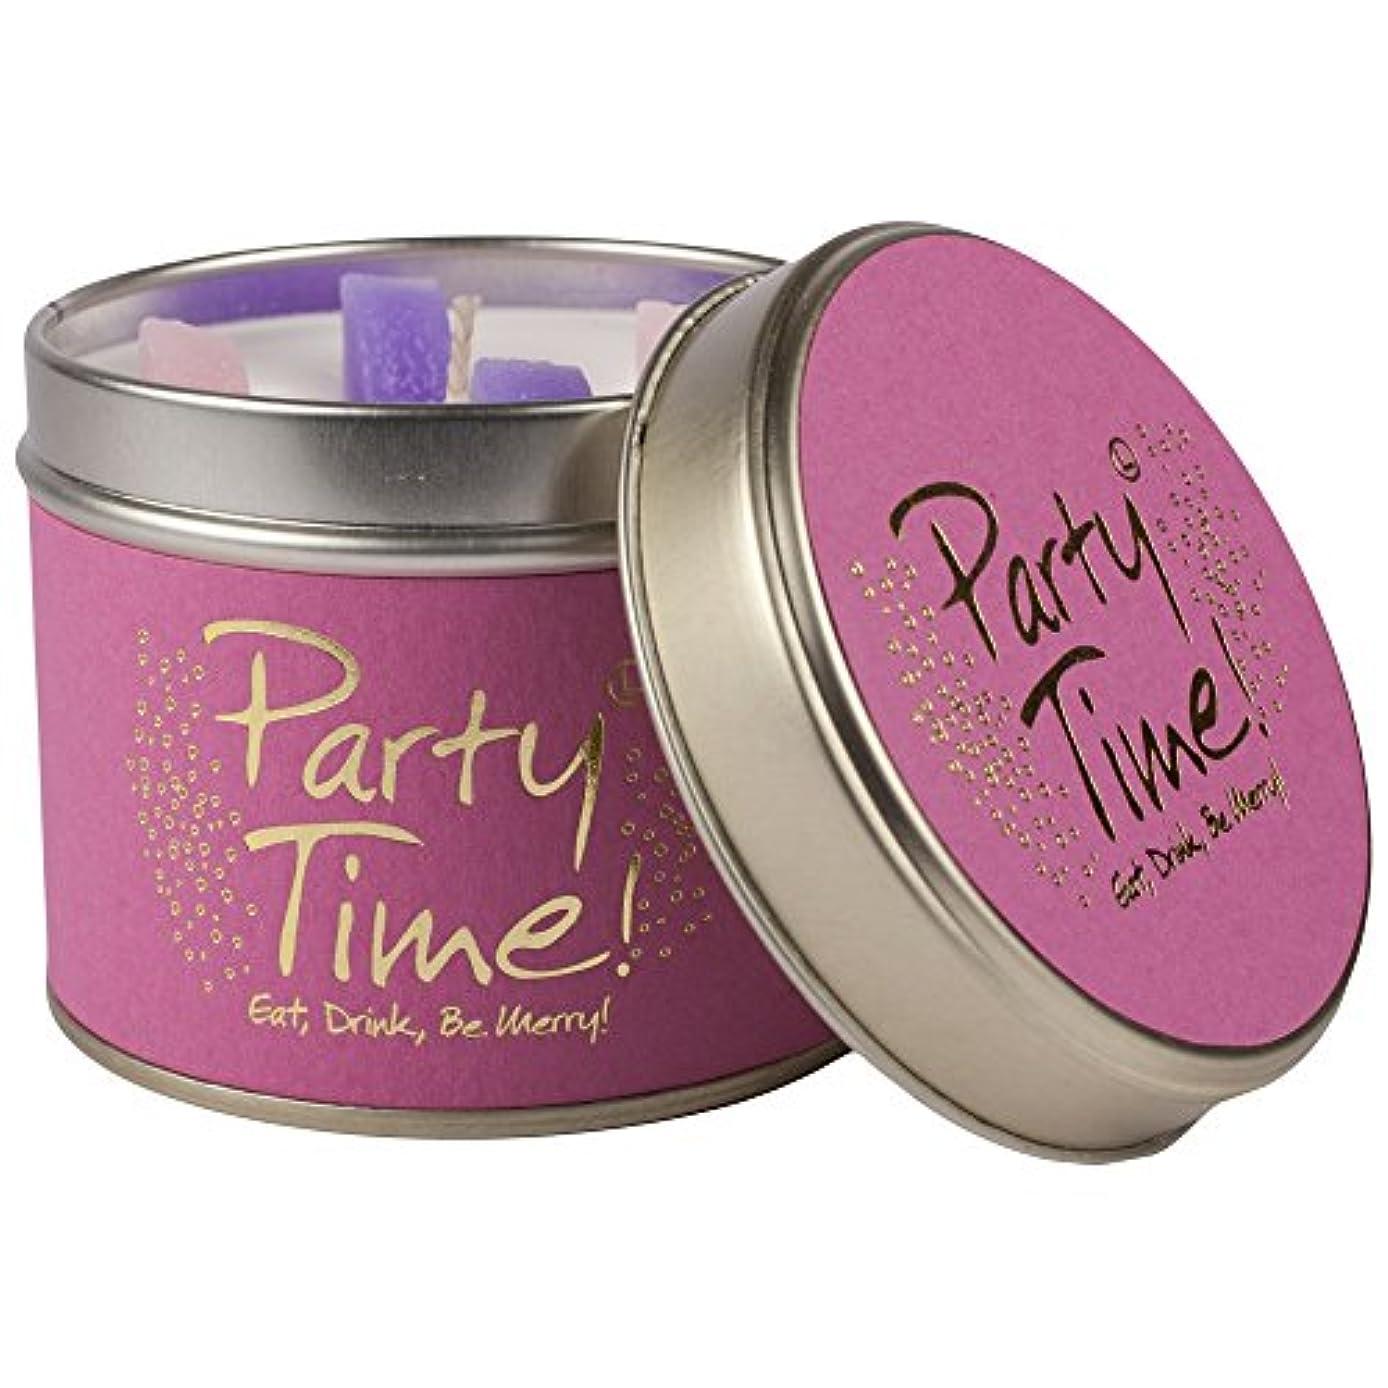 呼吸する不健康珍しいLily-Flame Party Time Scented Candle Tin (Pack of 6) - ユリ炎パーティーの時間香りのキャンドルスズ (Lily-Flame) (x6) [並行輸入品]